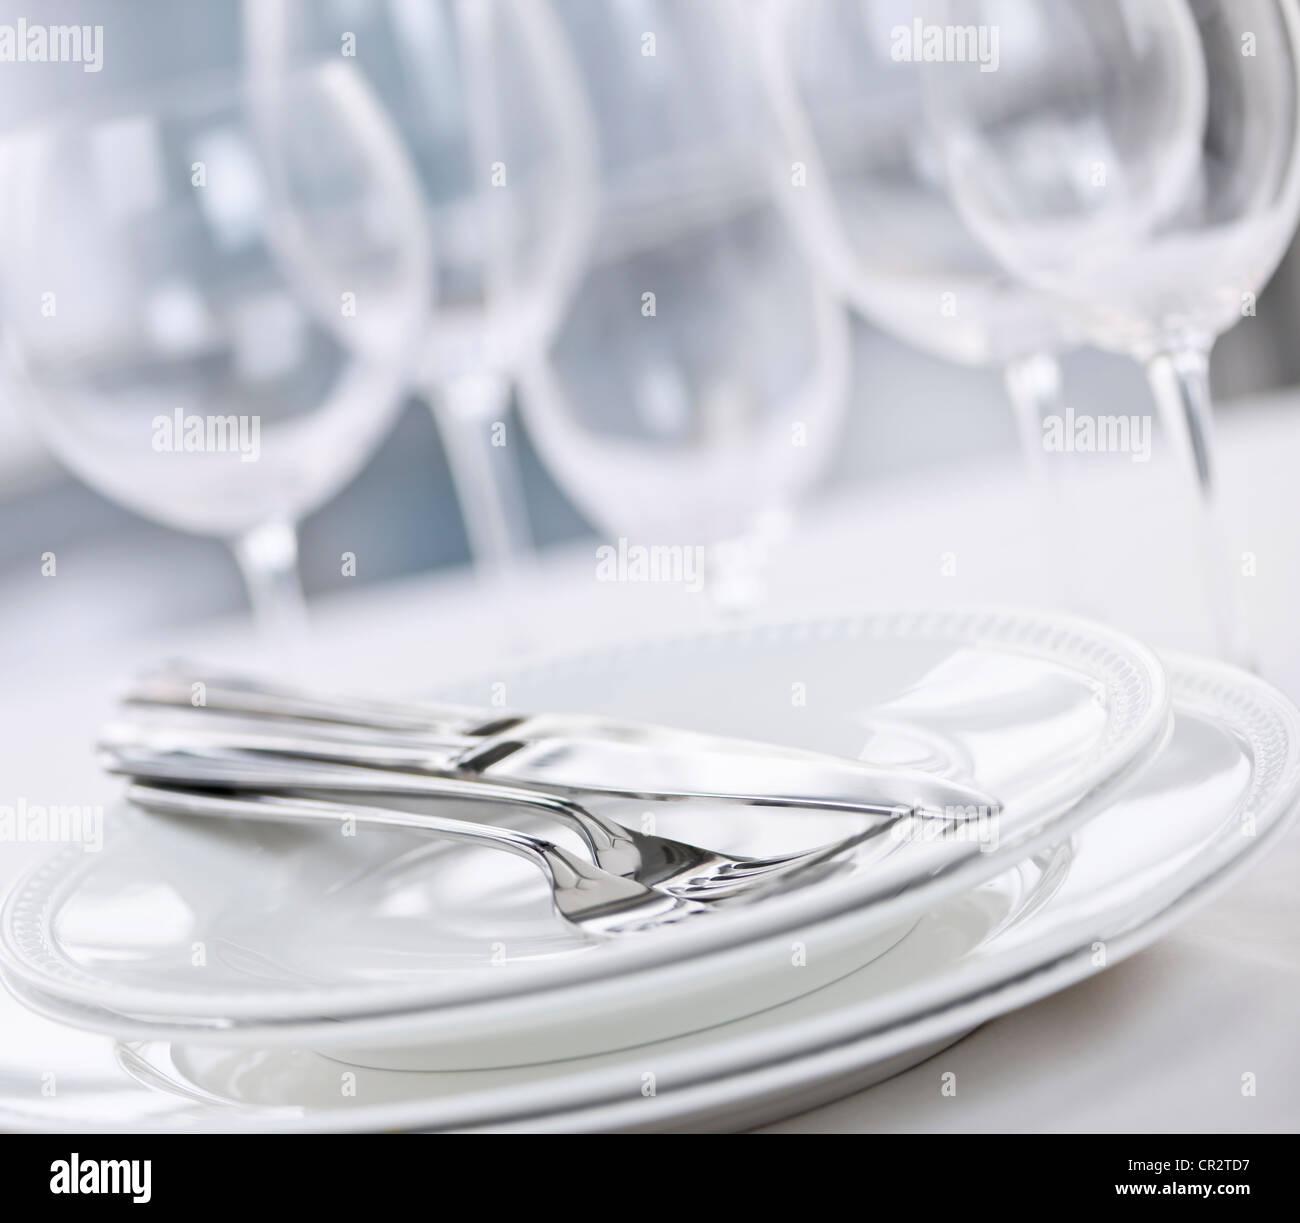 Elegantes Restaurant Tischdekoration mit Tellern, Besteck und Gläser Stockbild